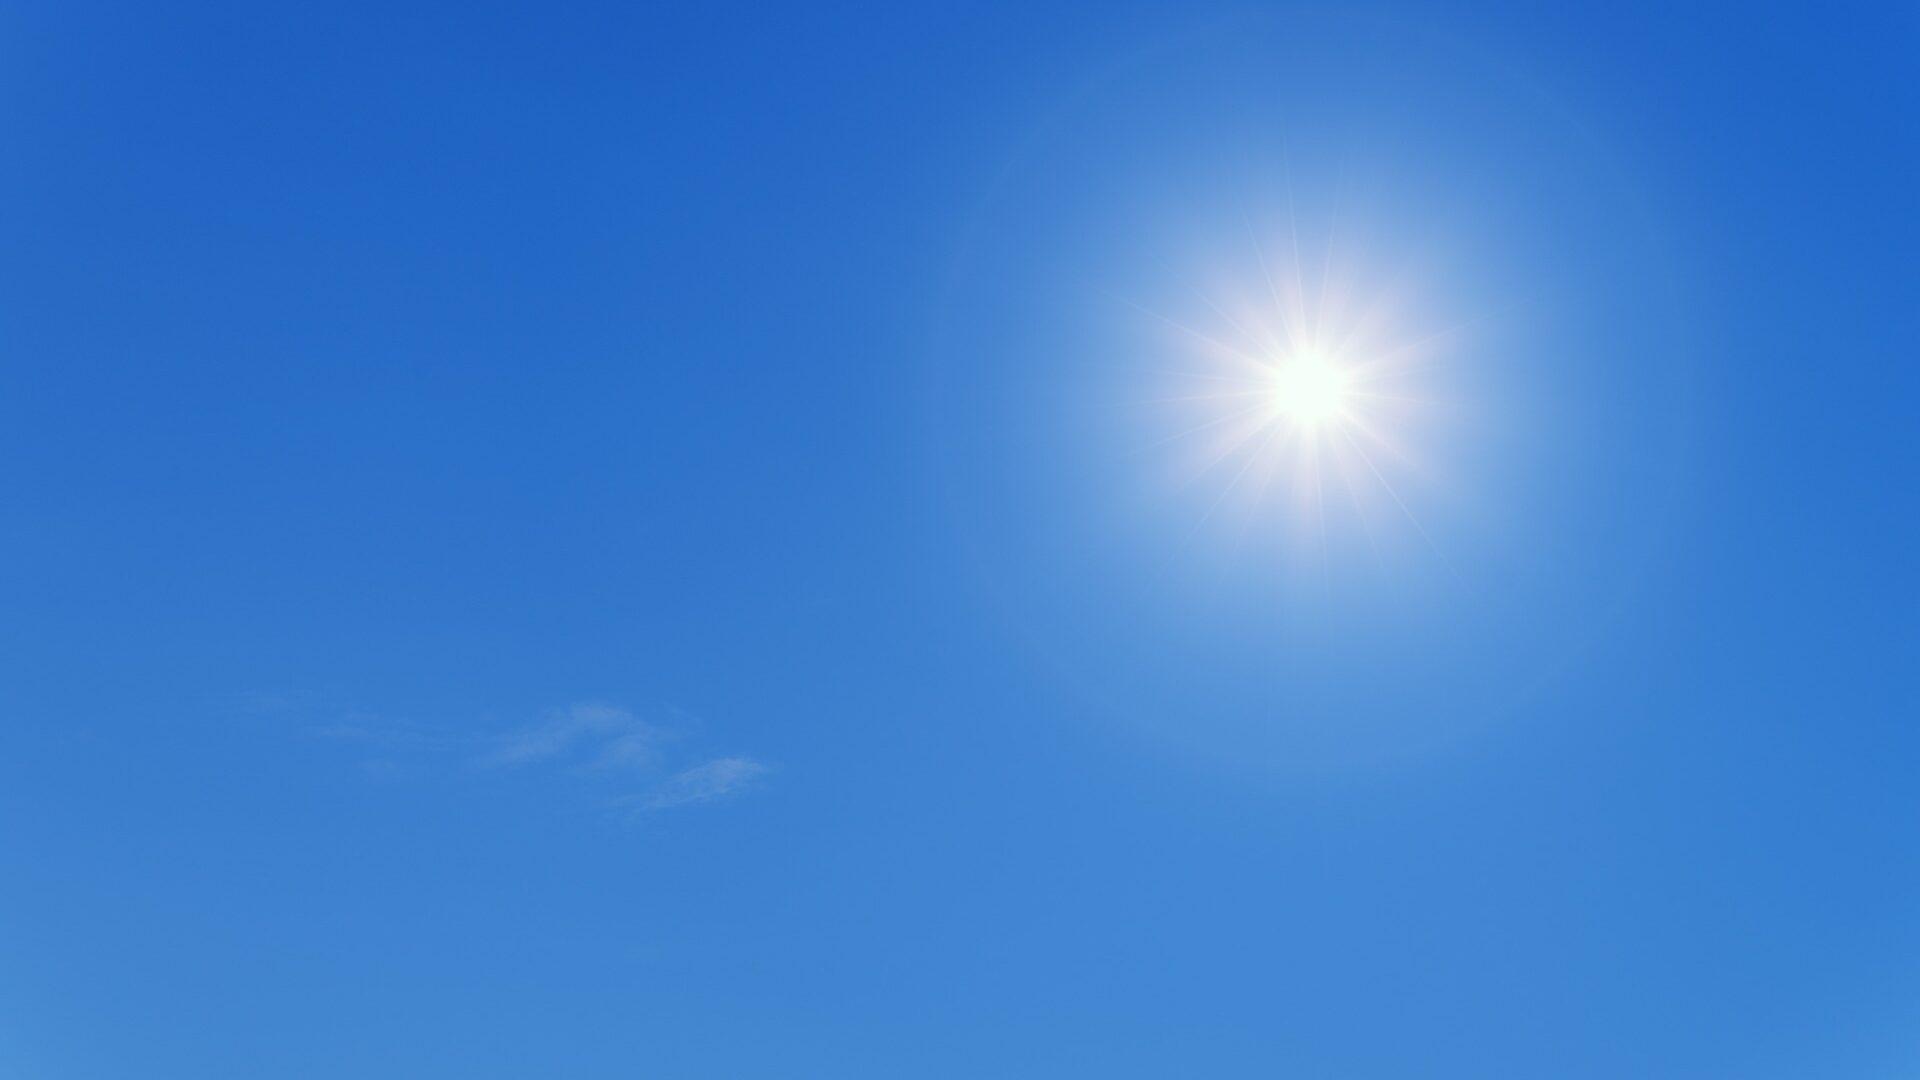 Klimatyzacja w domu - zalety i wady. Czy warto inwestować w klimatyzację?